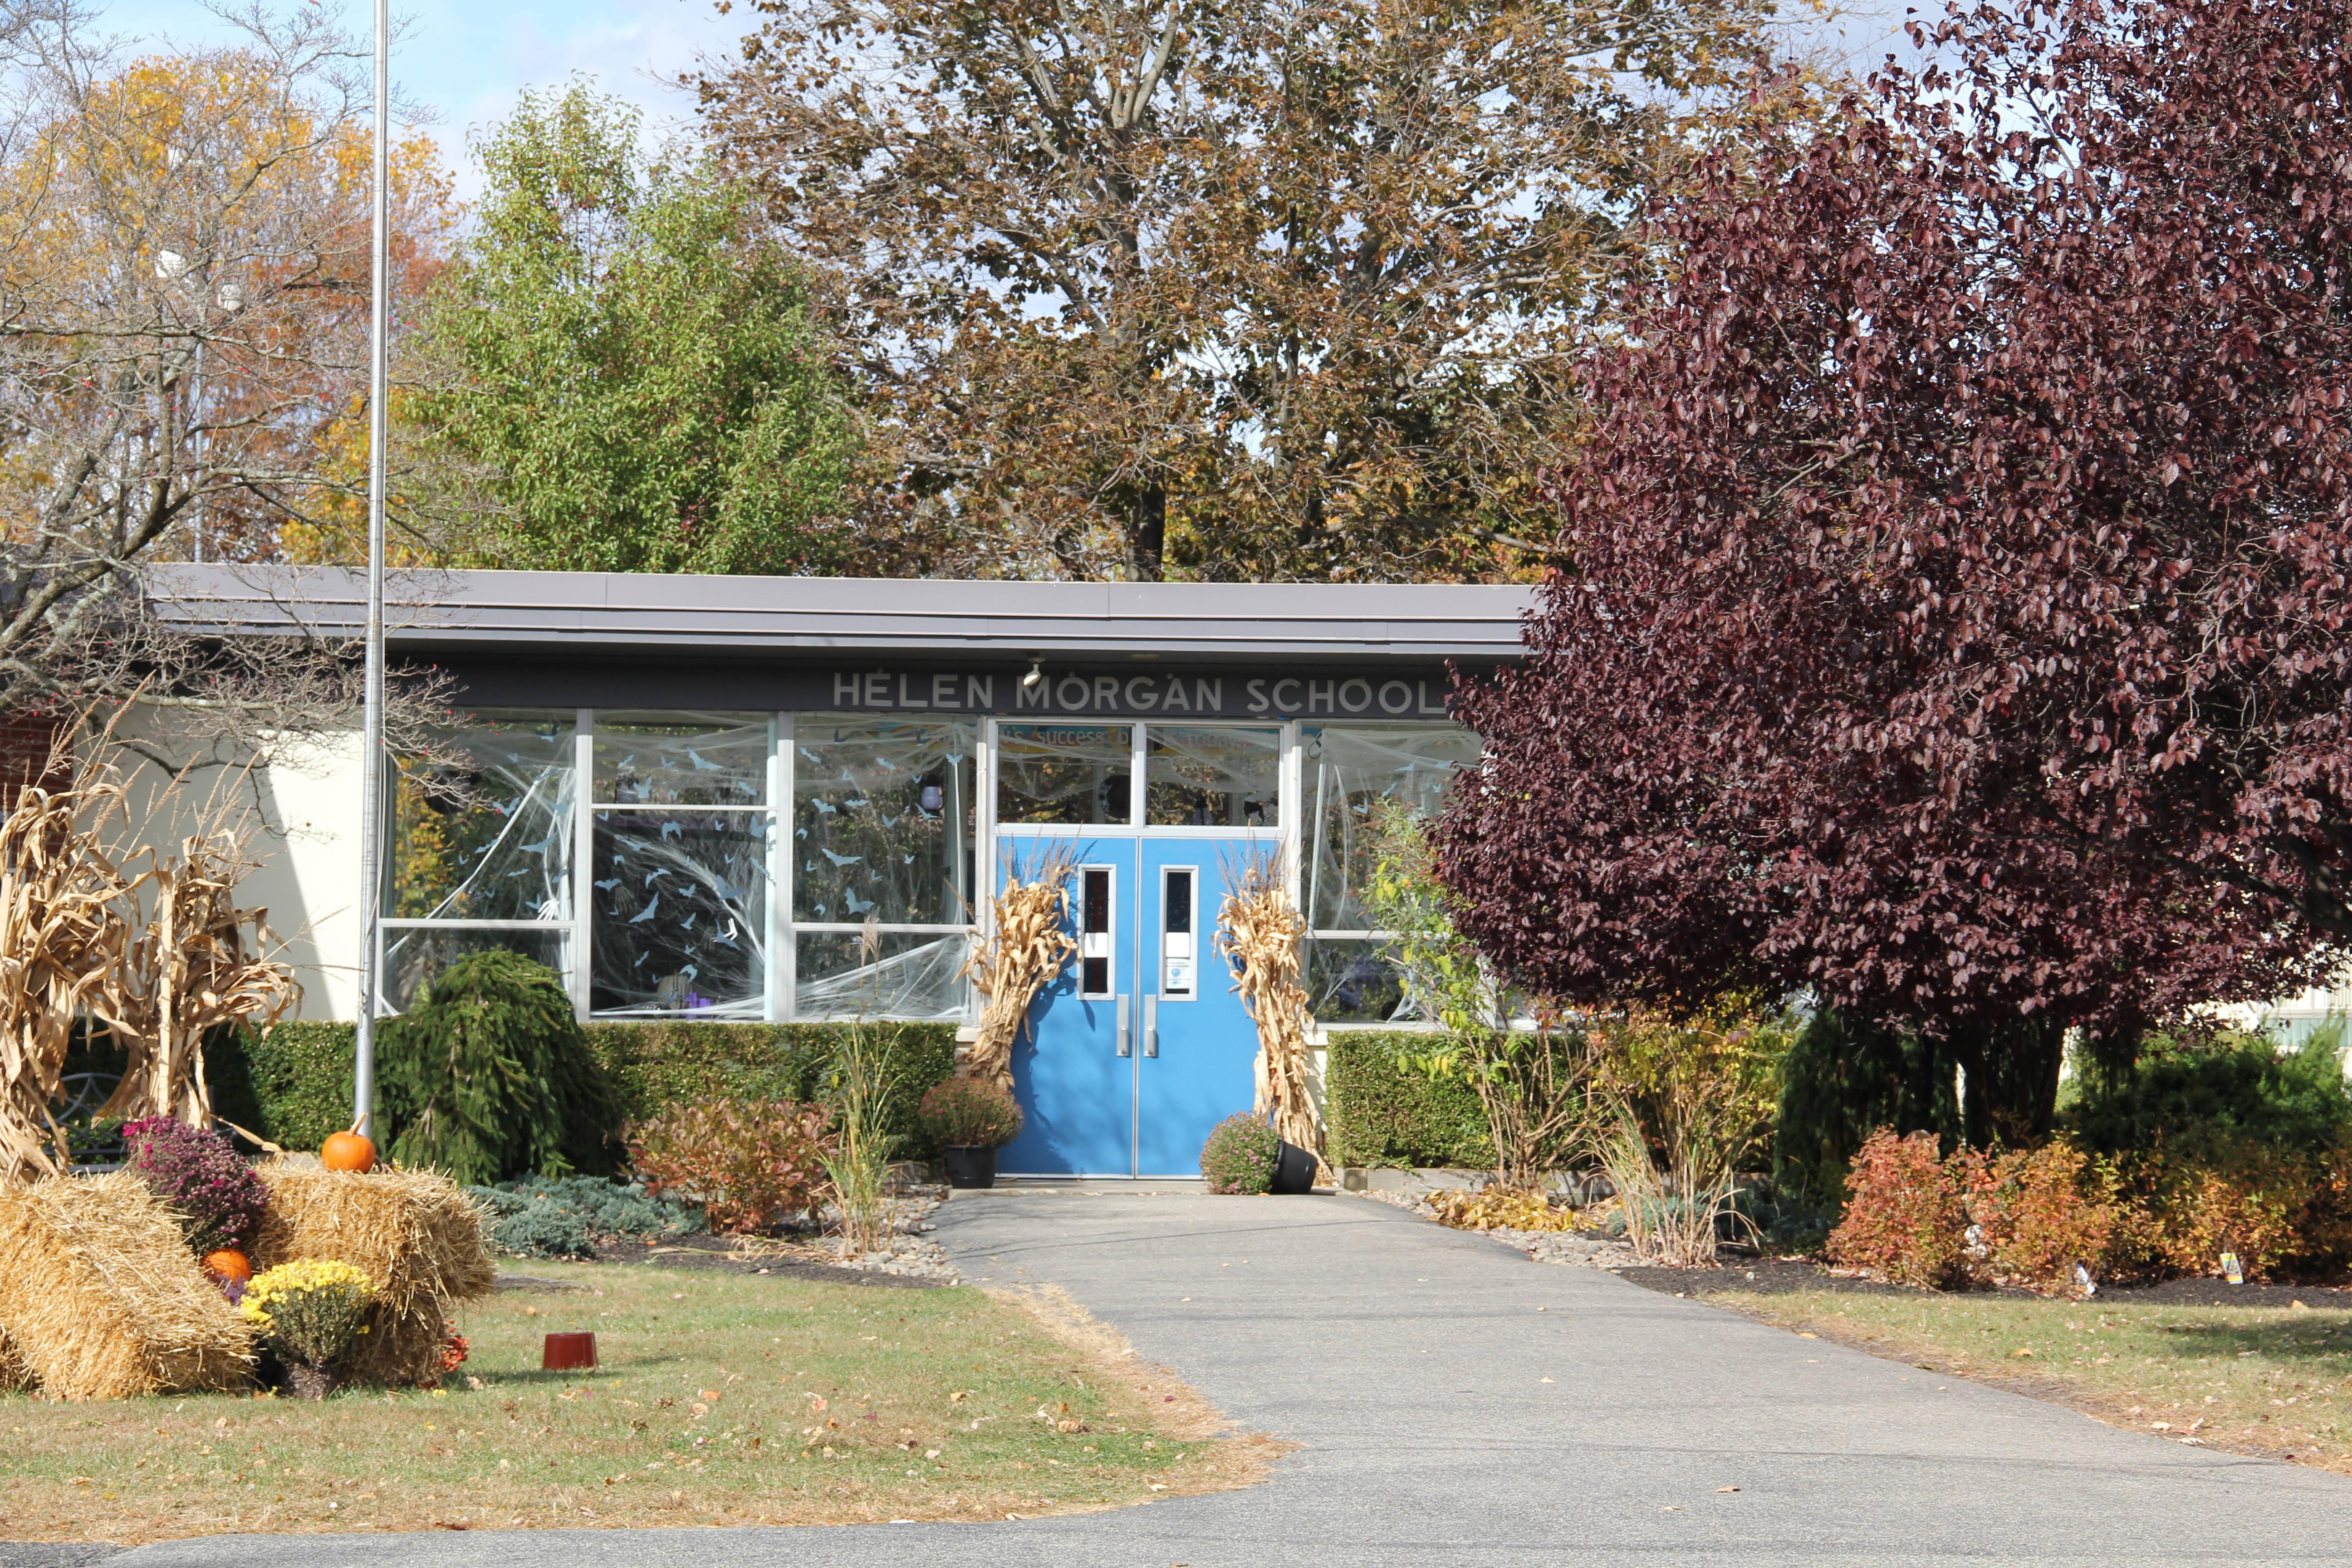 Helen Morgan School